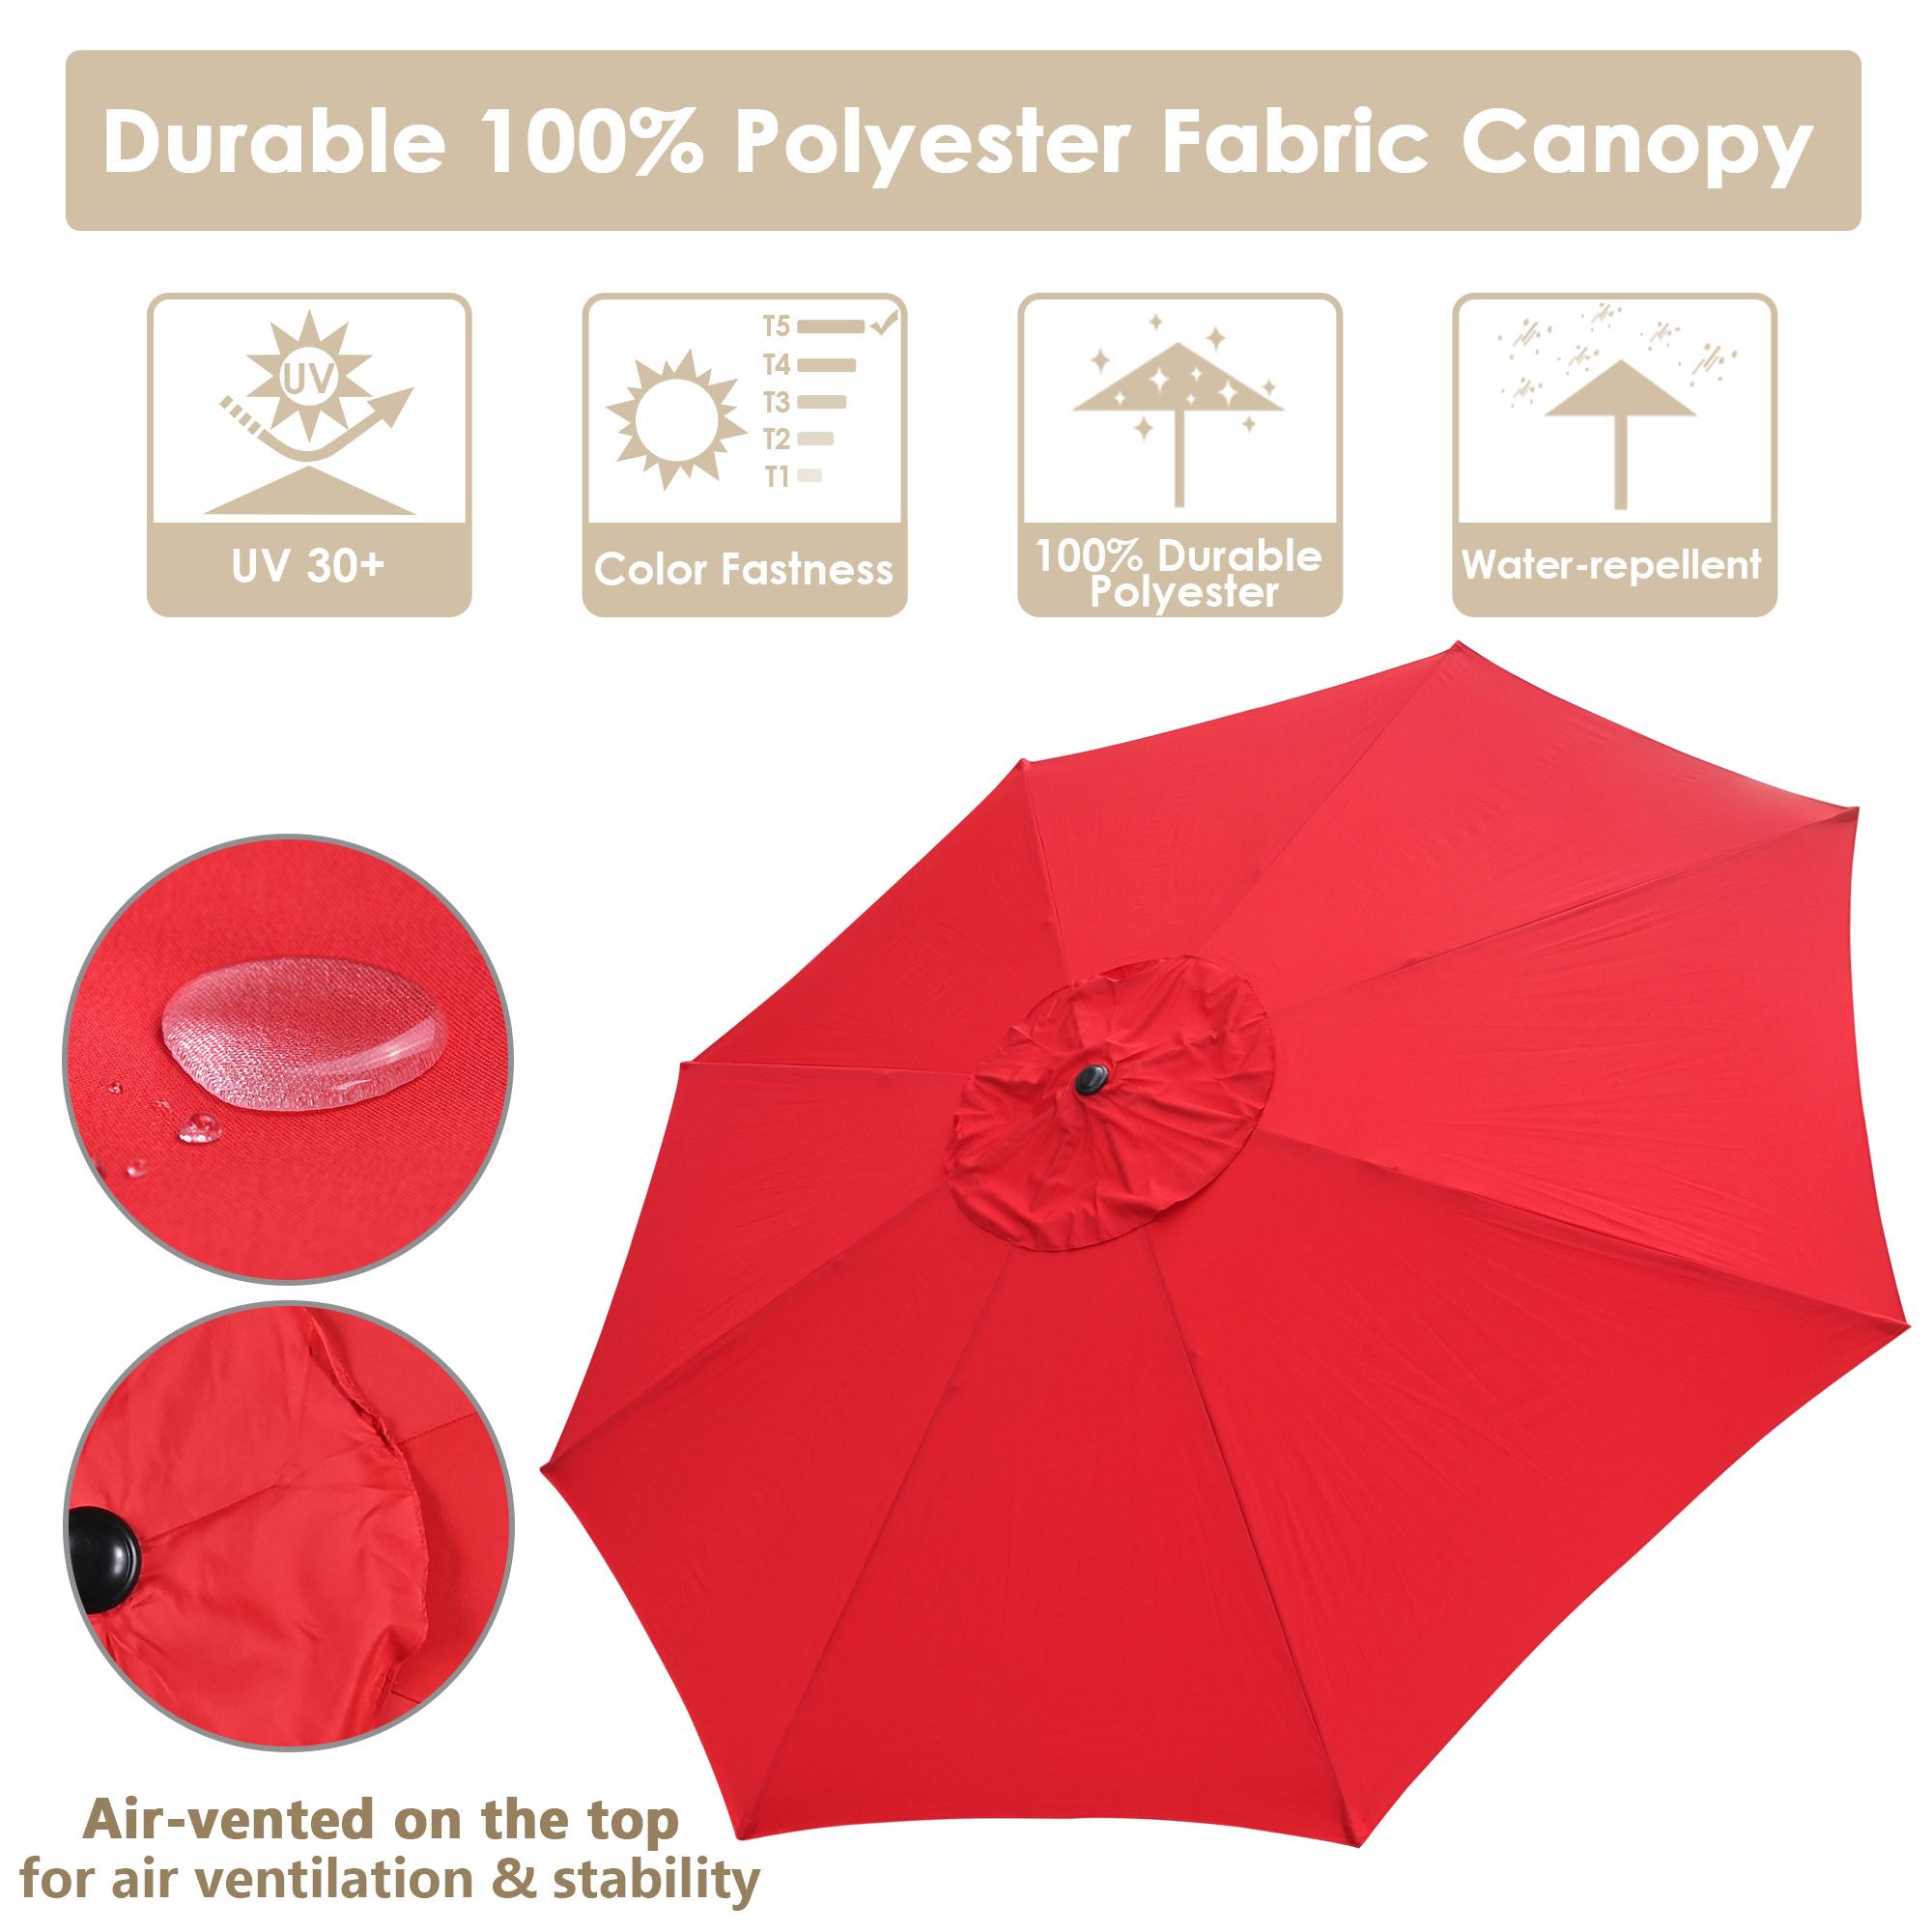 thumbnail 51 - 13' FT Sun Shade Patio Aluminum Umbrella UV30+ Outdoor Market Garden Beach Deck